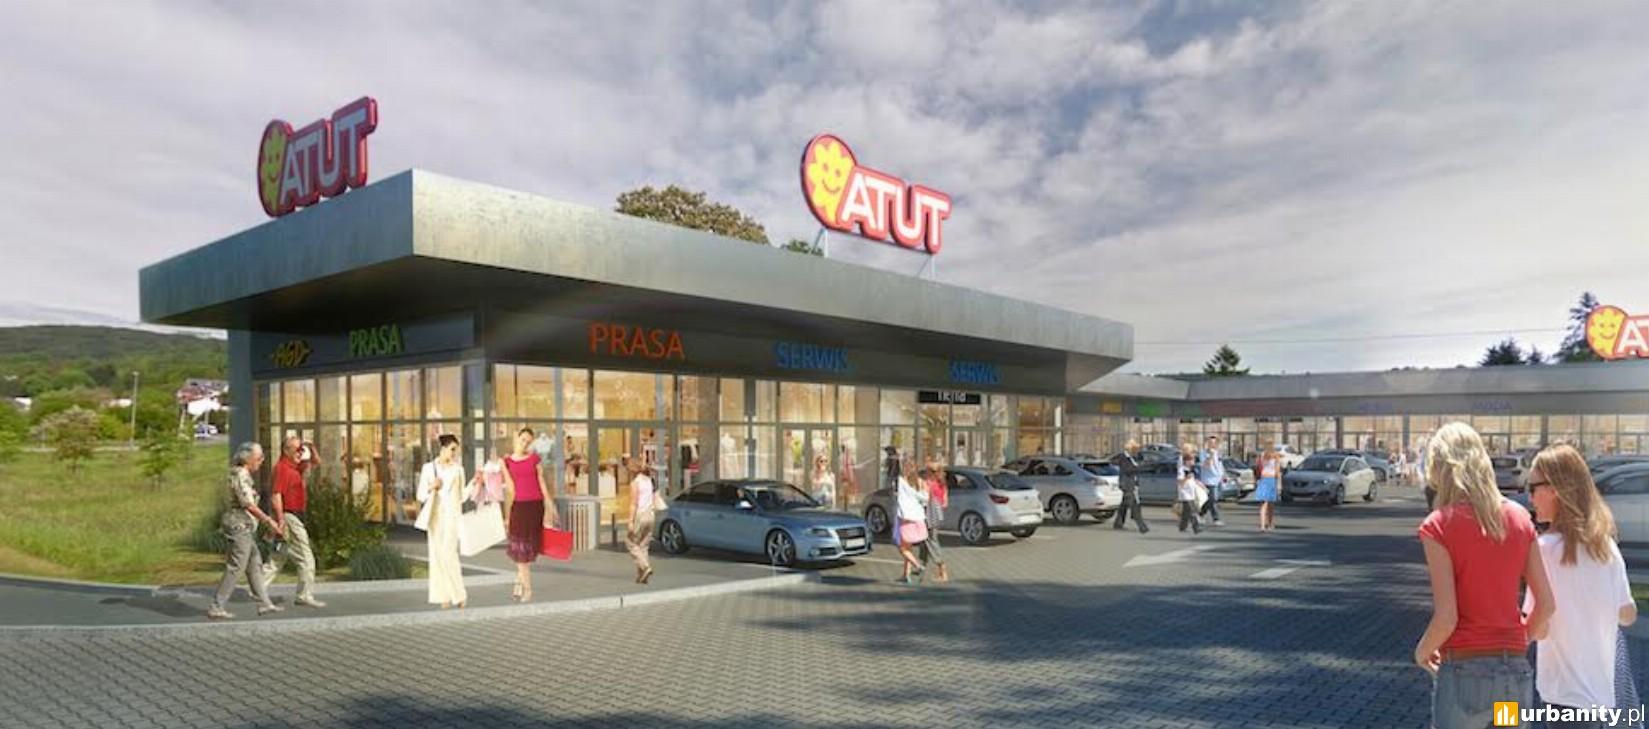 Wkrótce otwarcie dwóch nowych centrów handlowych Atut w Krakowie